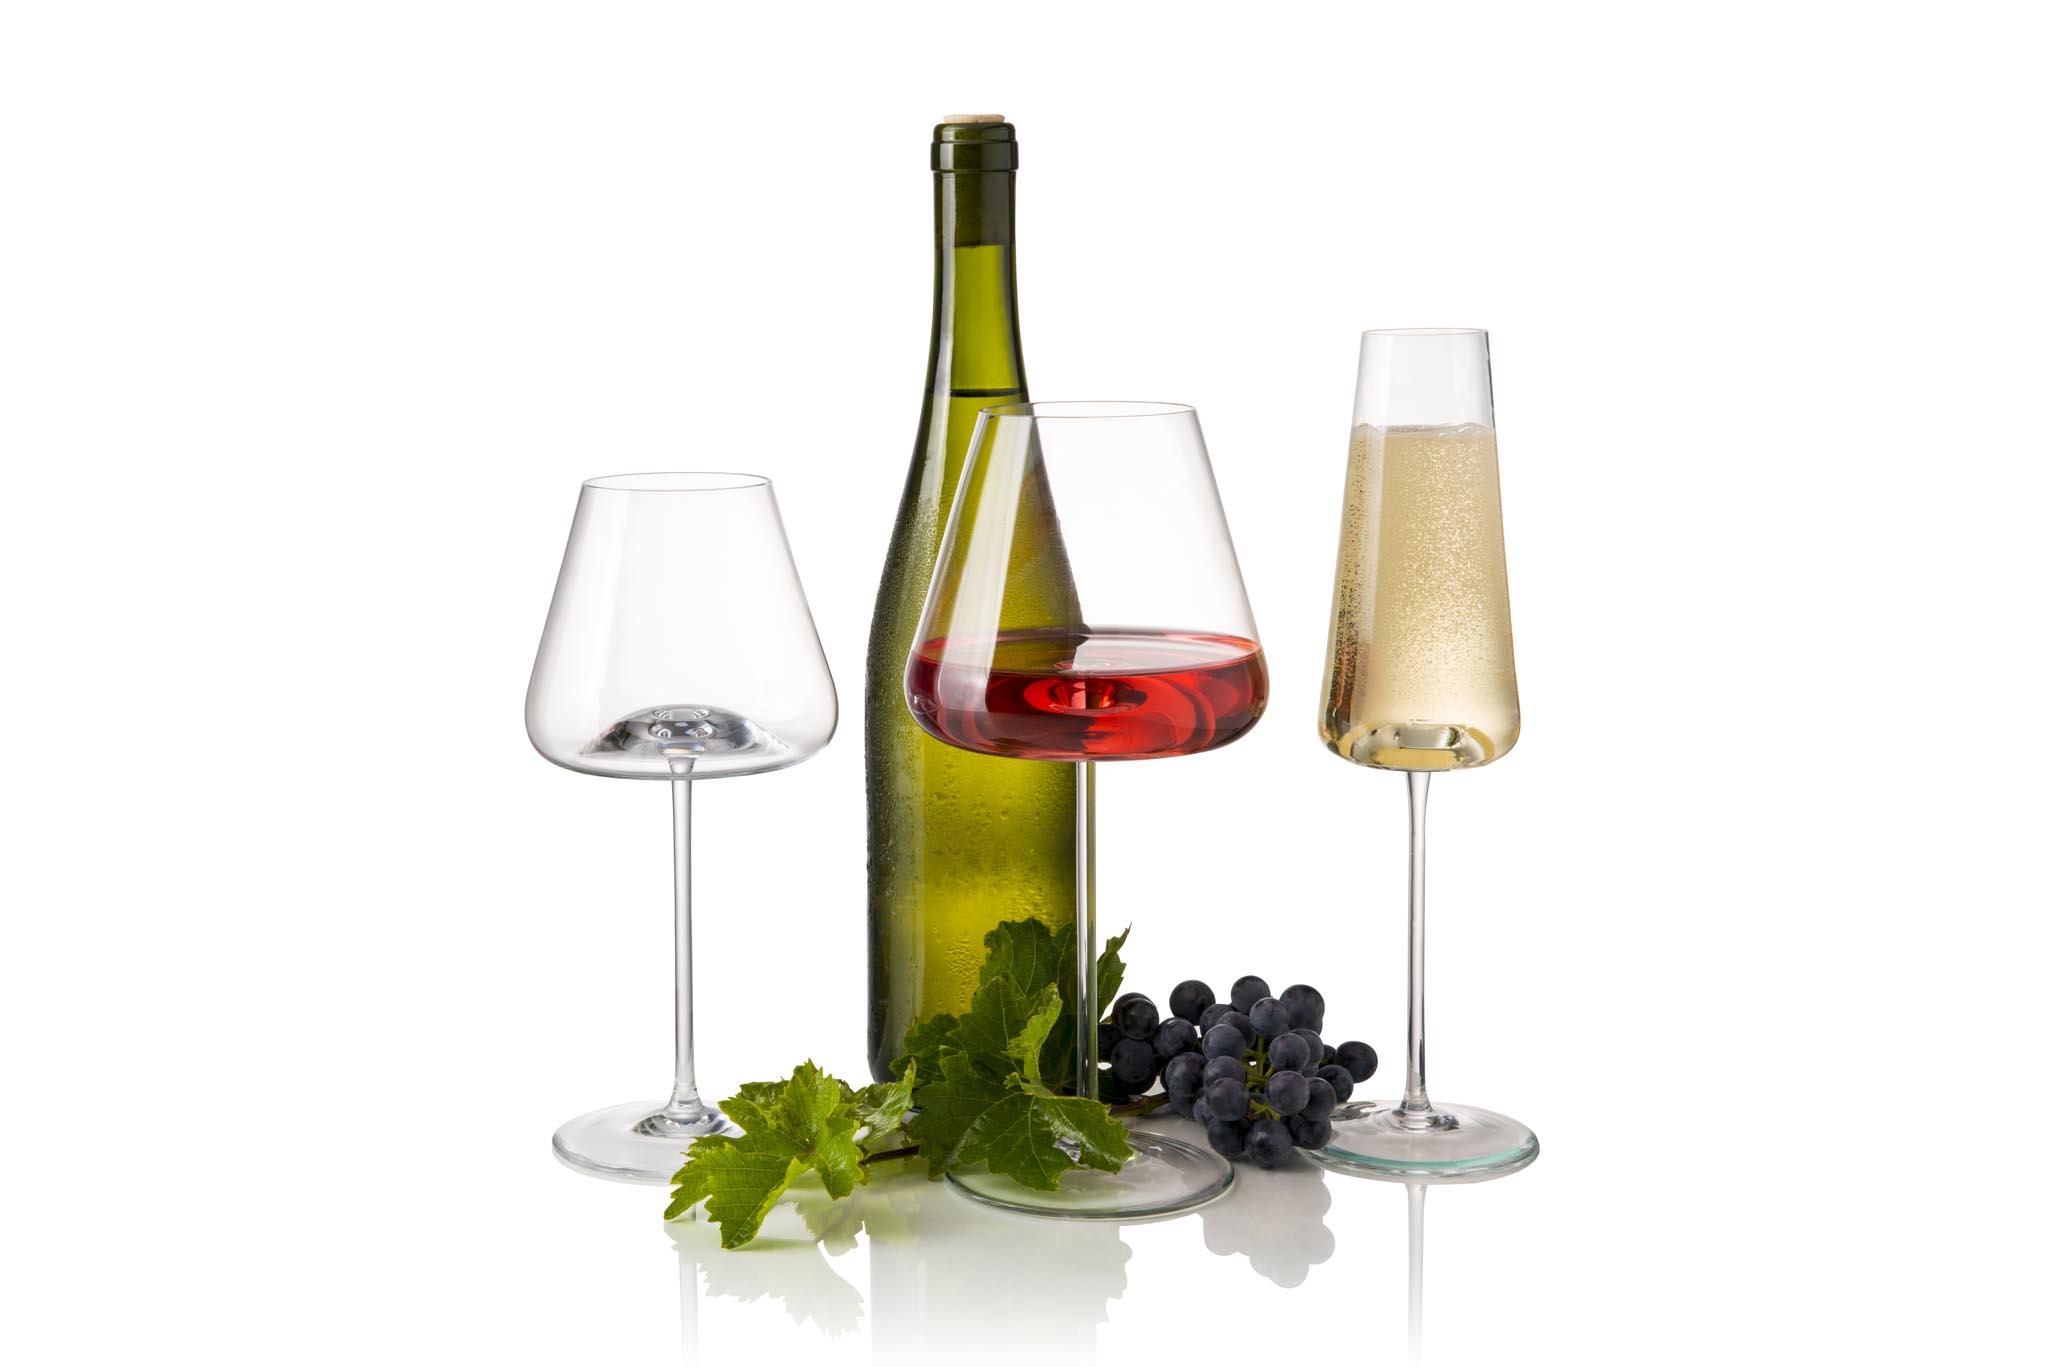 歐洲 ROGASKA 水晶玻璃 ARMONIA 達文西 香檳杯